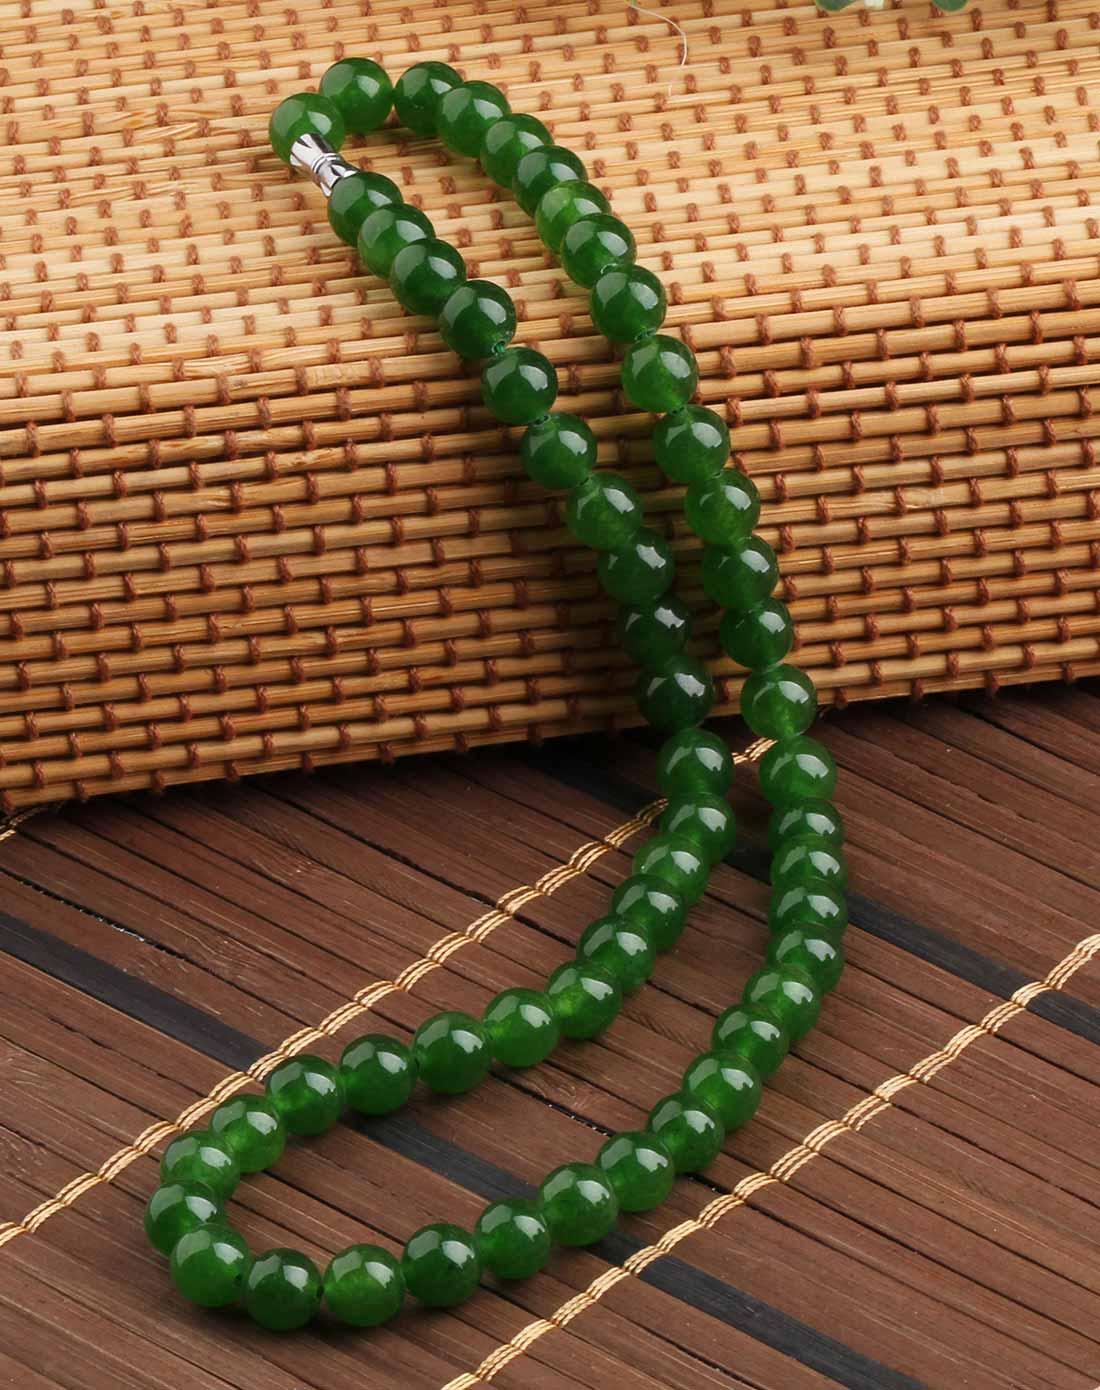 台湾玉项链--油光碧绿